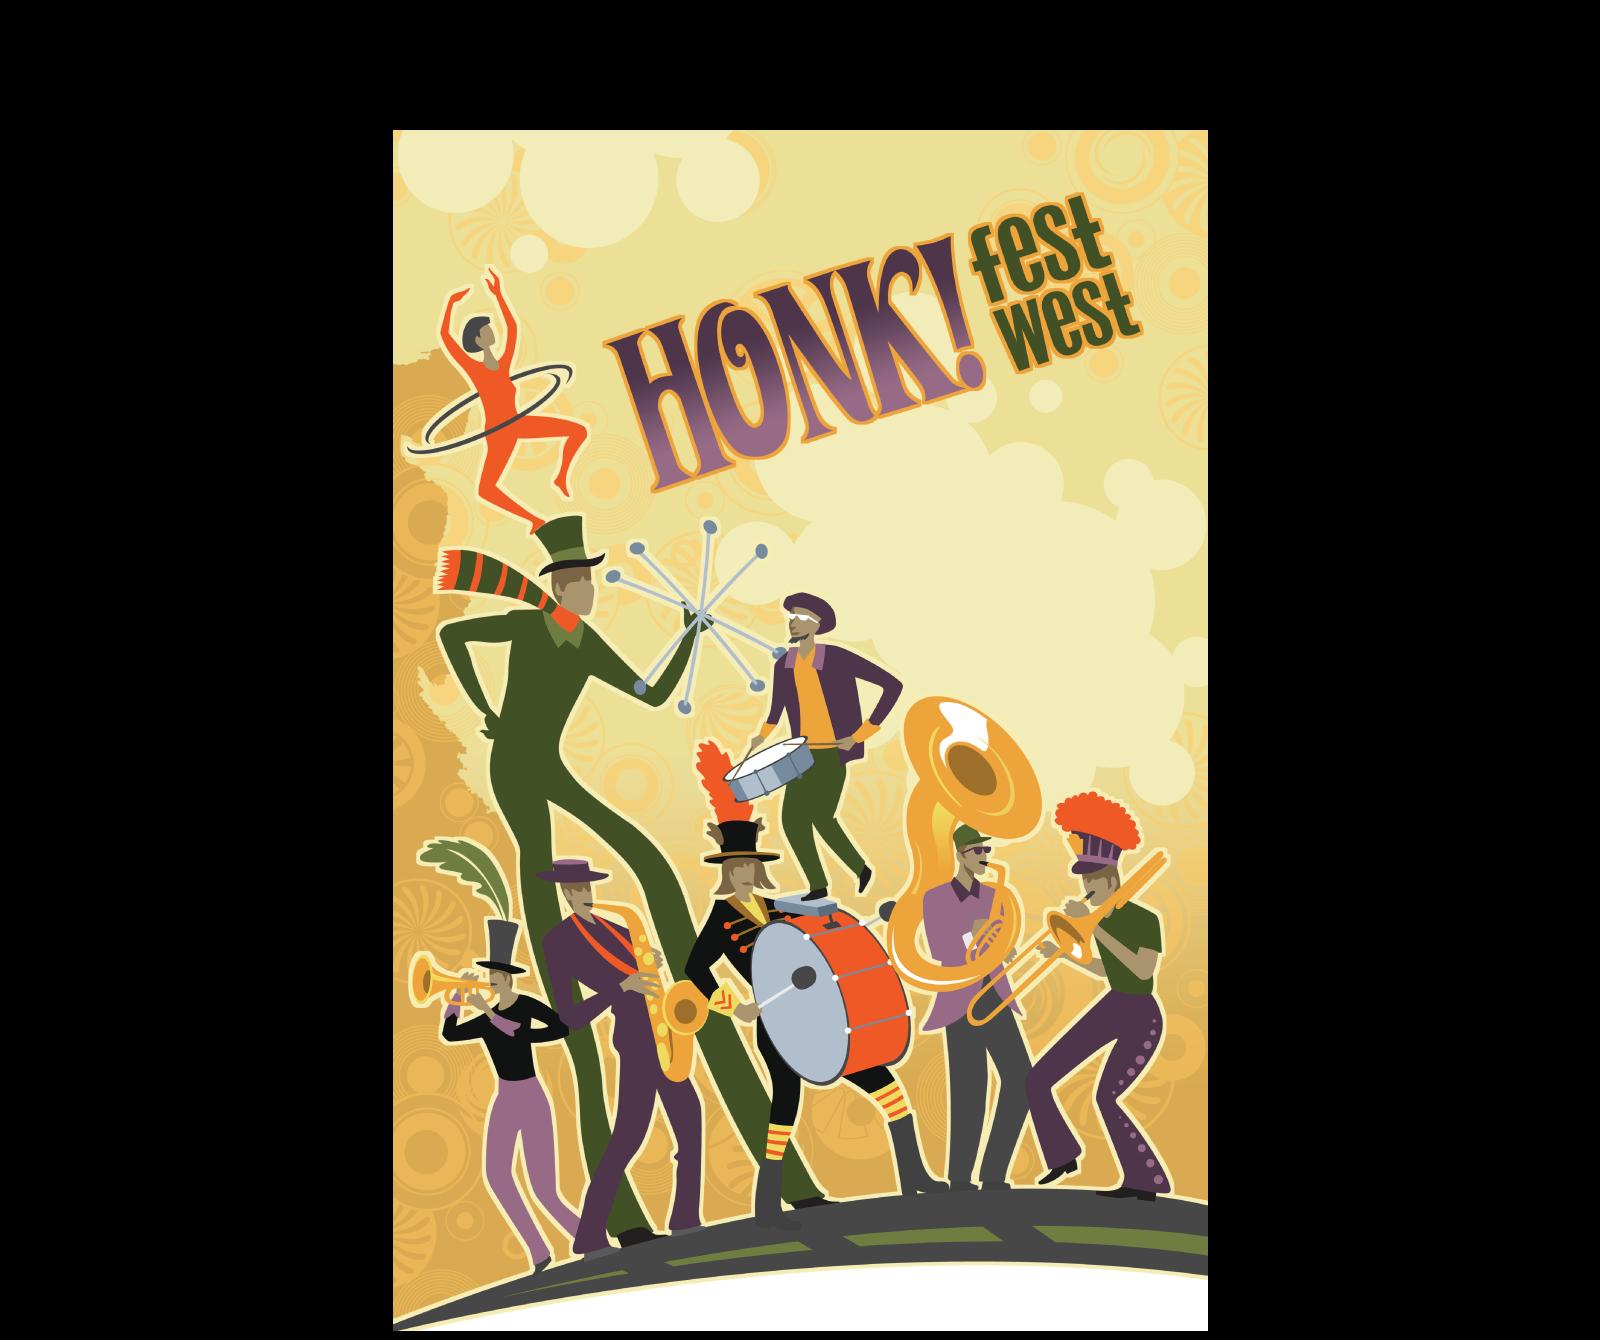 HONKFest poster